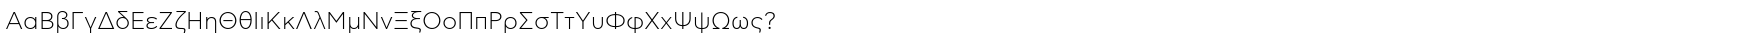 cfastystd-light-webfont.ttf